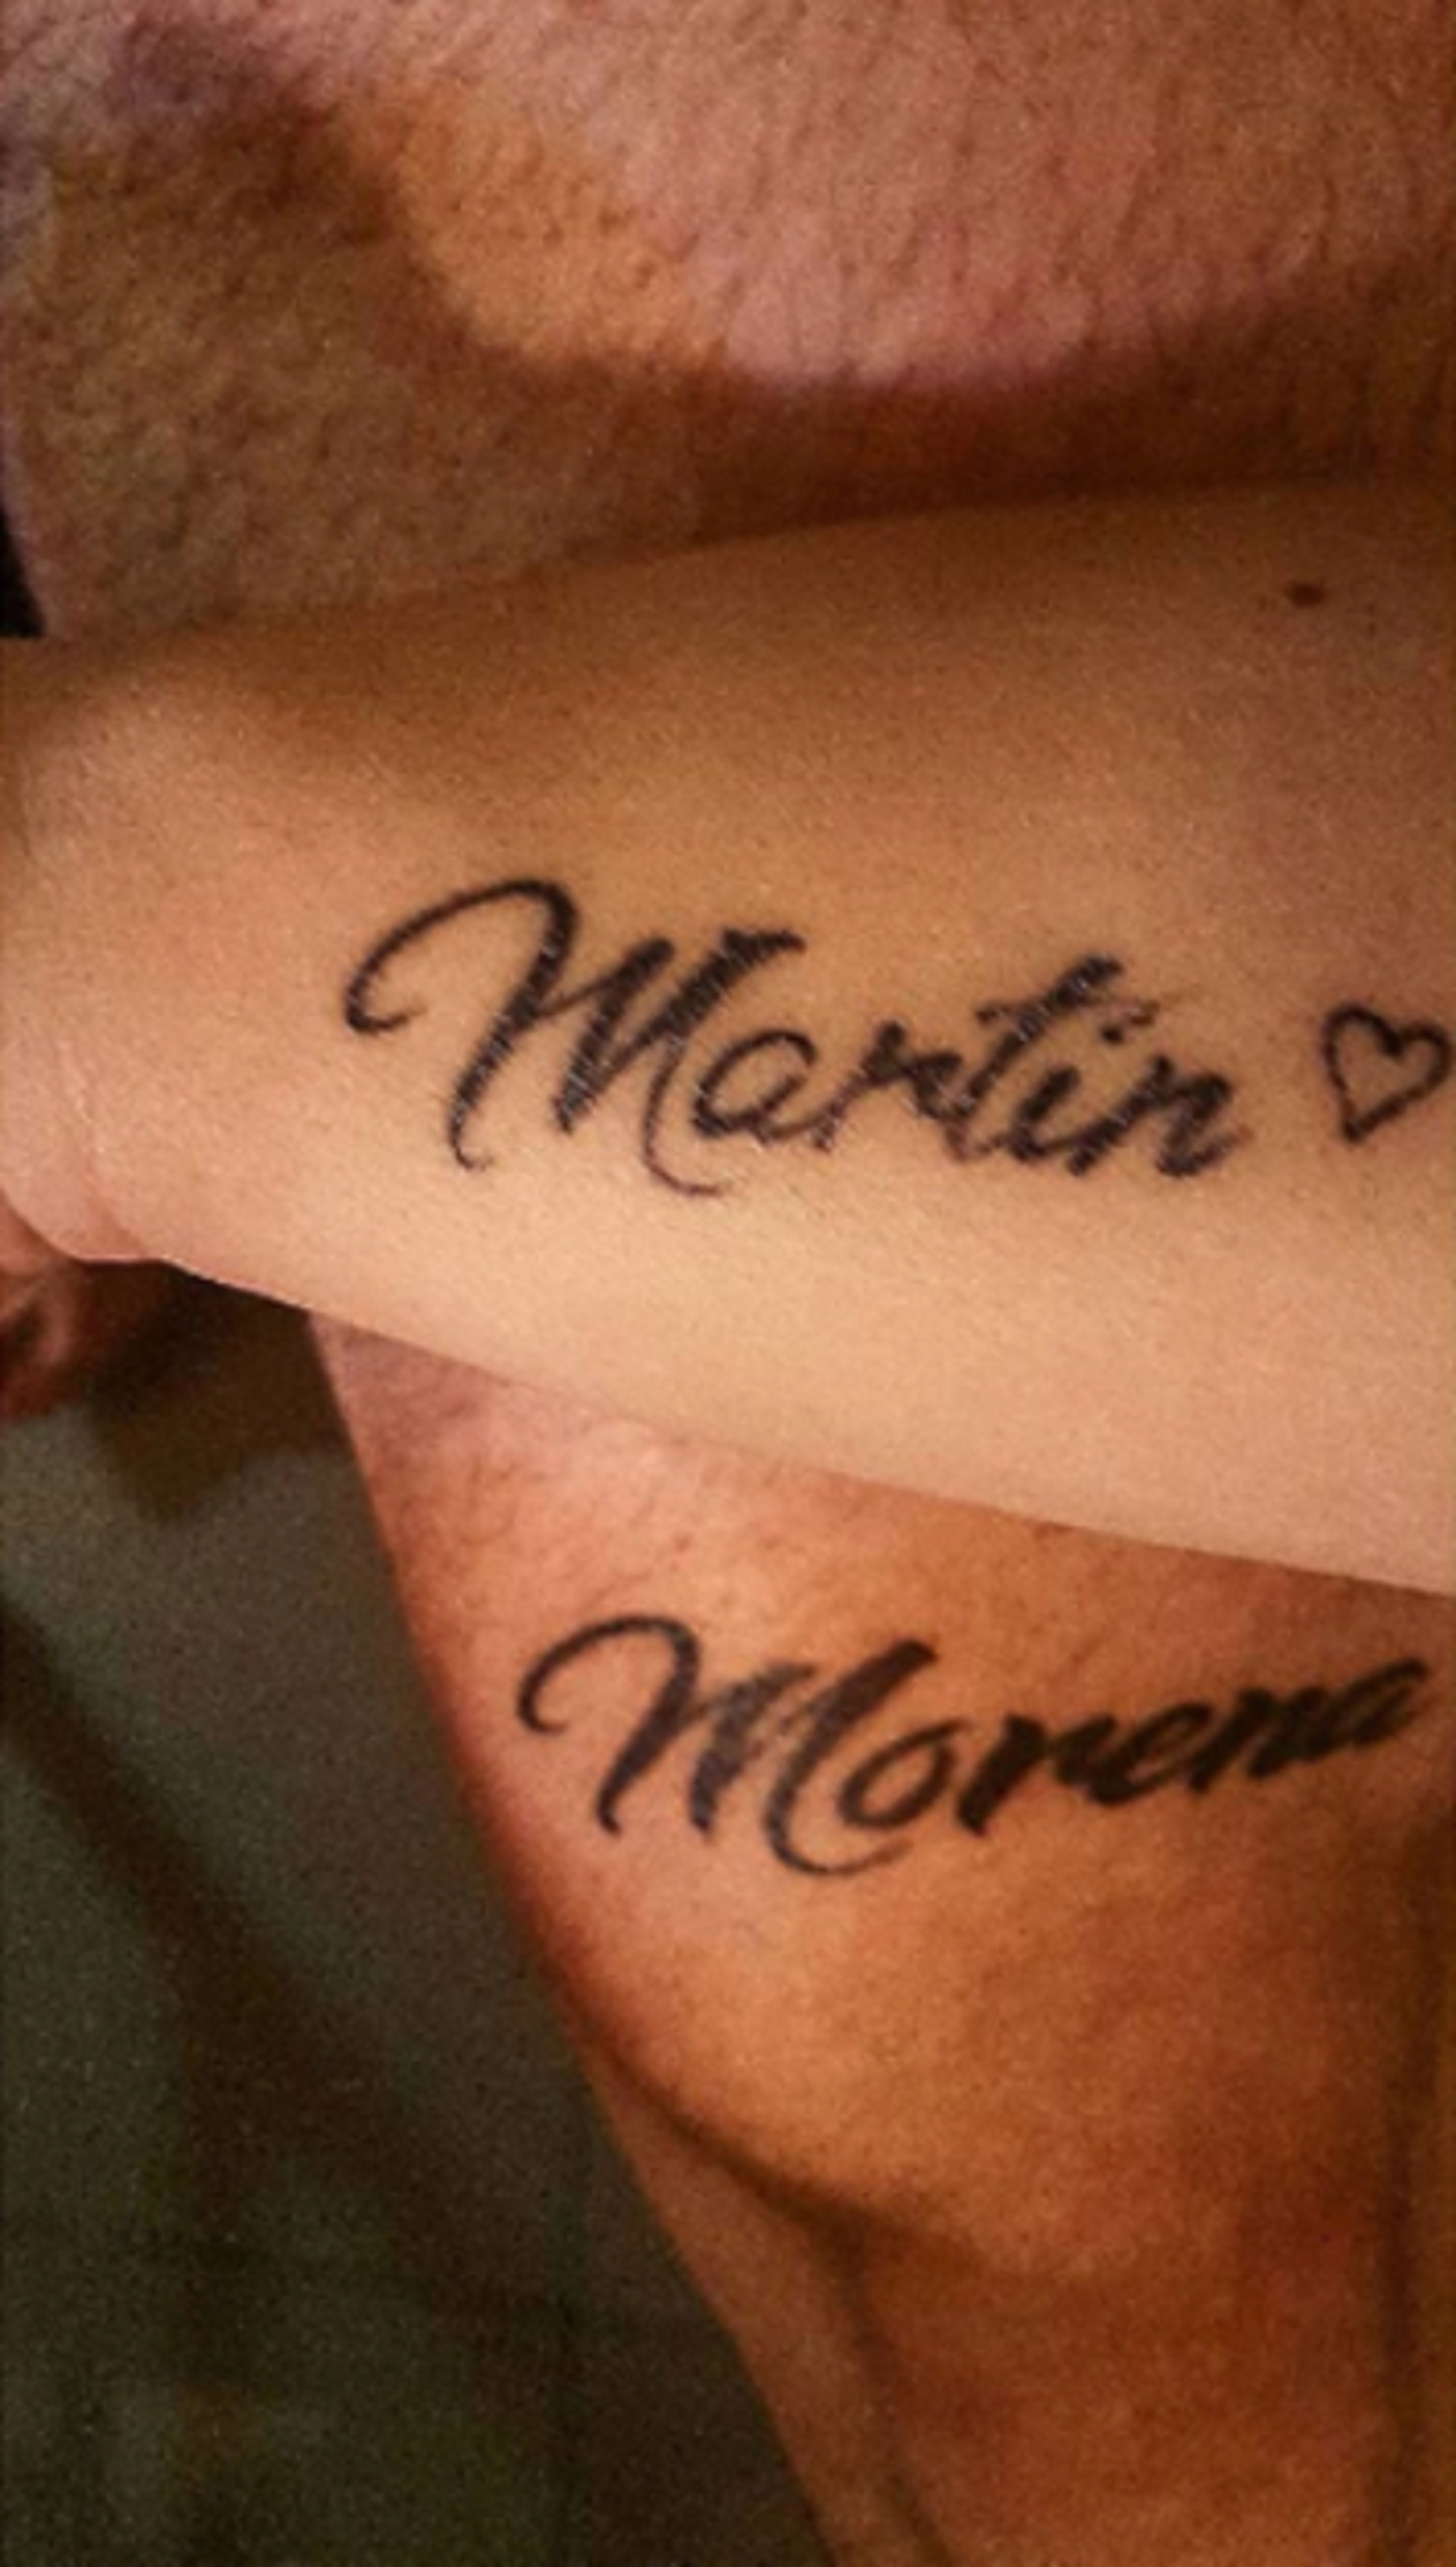 El tatuaje que se hicieron los jóvenes en mayo de 2017